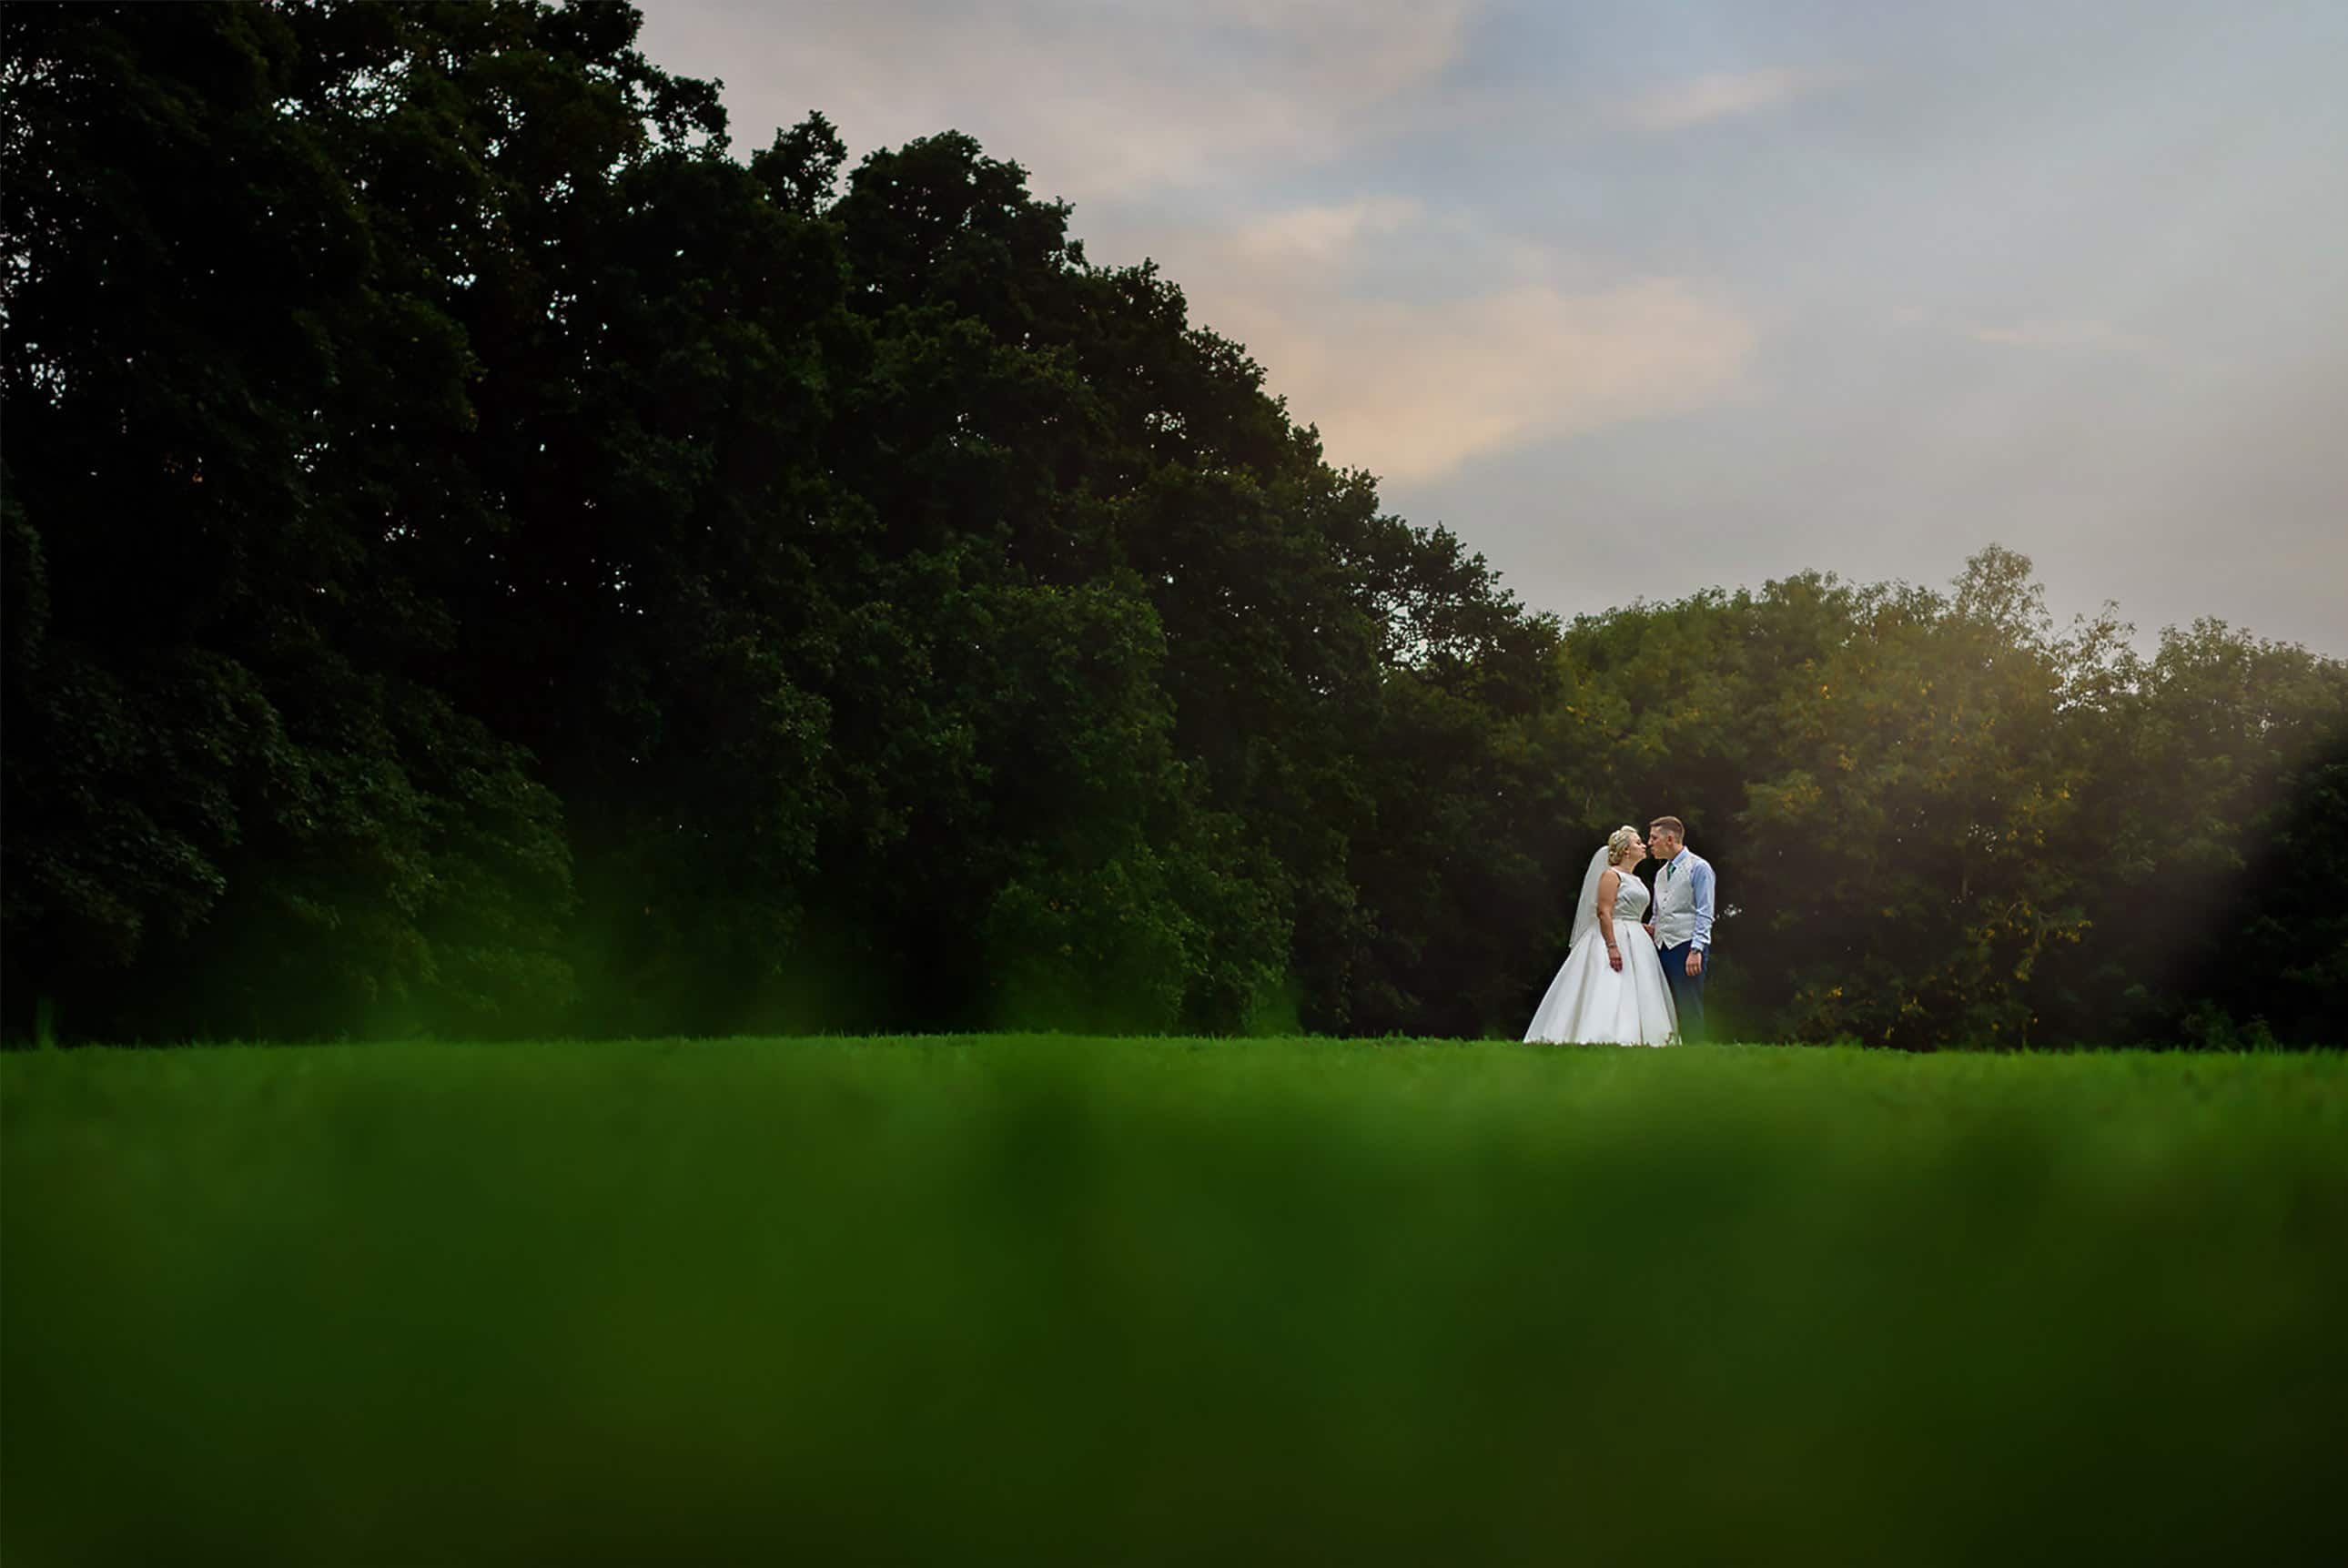 R & D - Brasteds Wedding 1